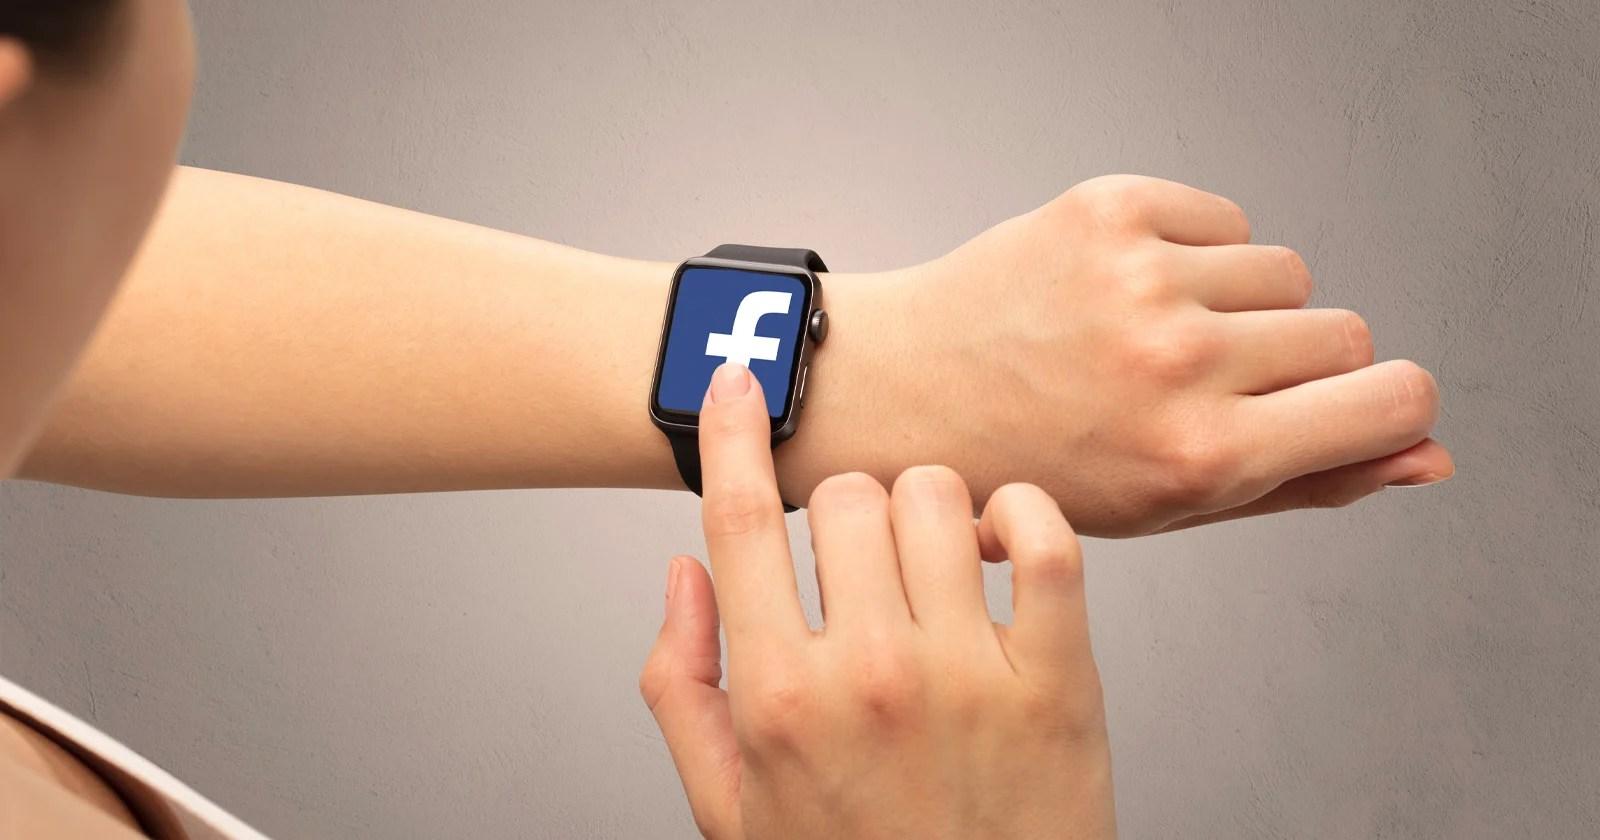 L'imminente smartwatch di Facebook avrà una fotocamera rimovibile: rapporto